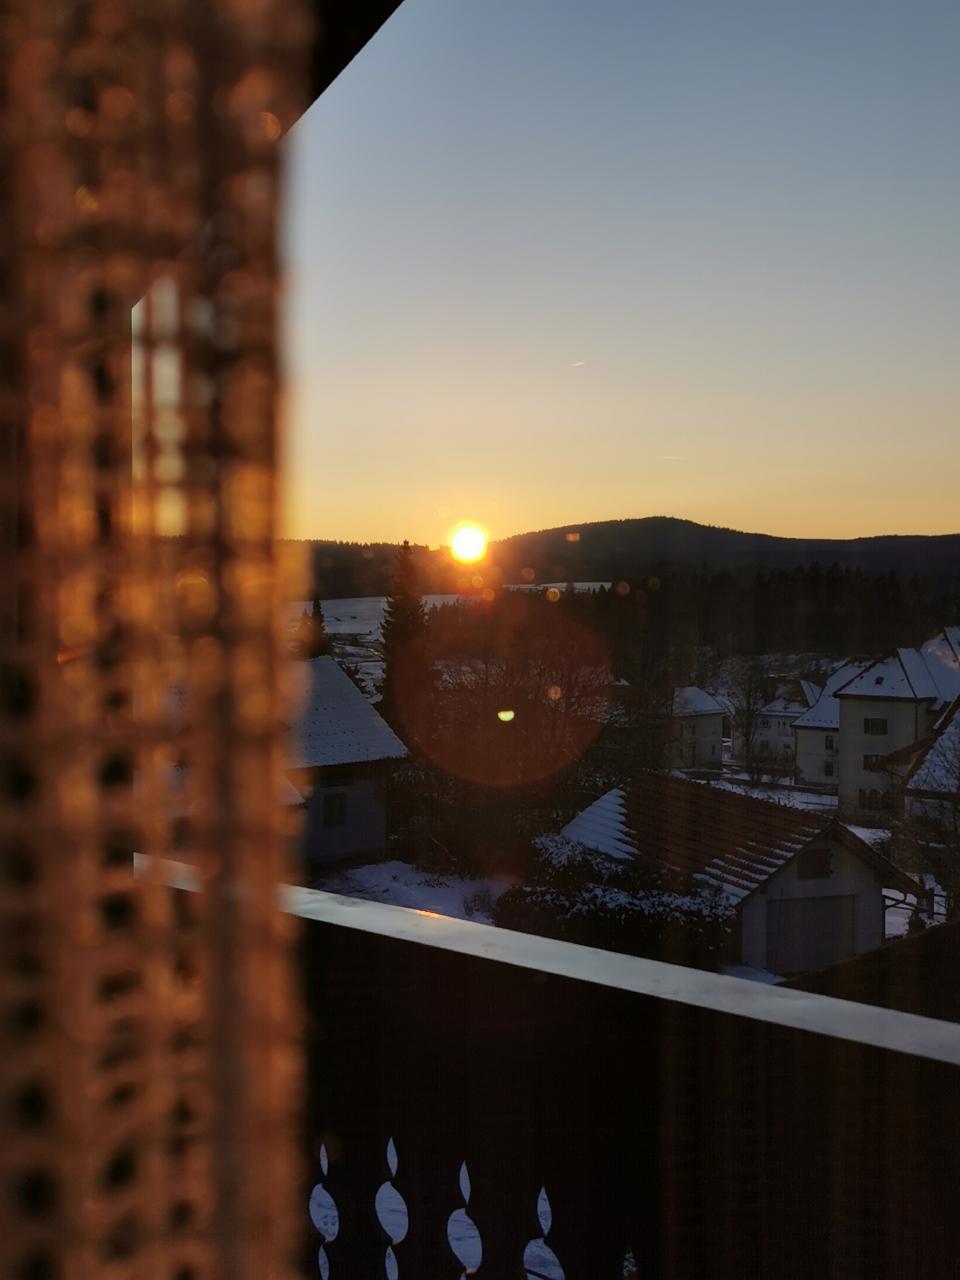 Ferienwohnung Haus Haidweg Wohnung 5 - 3 Zimmer, ca. 90 m² für 2-6 Personen im Dachgeschoss mit Balkon u (238755), Haidmühle, Bayerischer Wald, Bayern, Deutschland, Bild 13